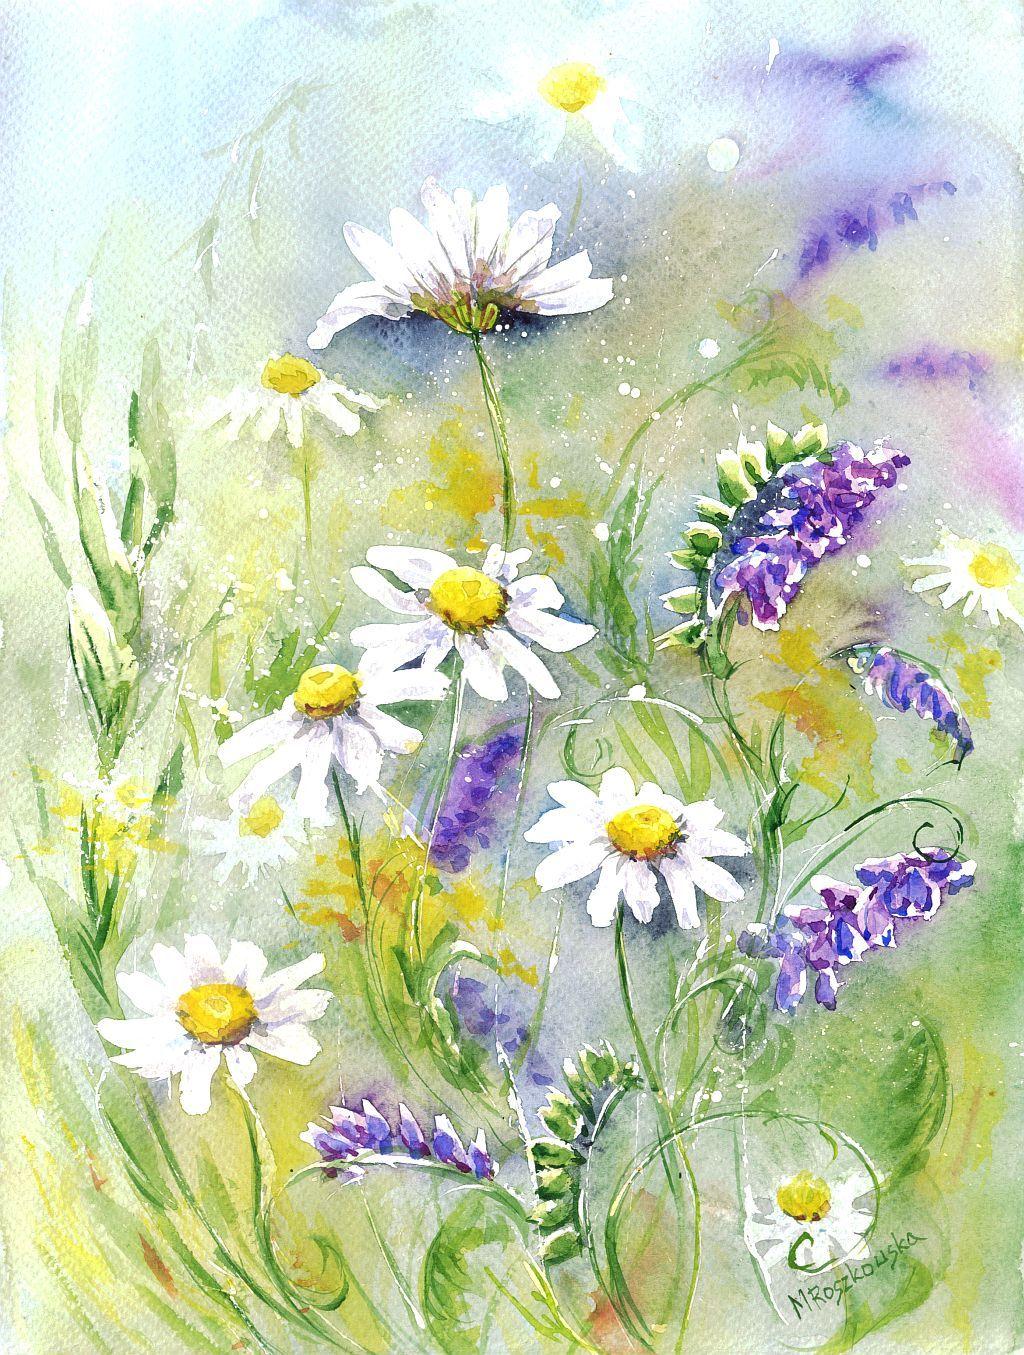 цветы ромашки картинки акварель поле